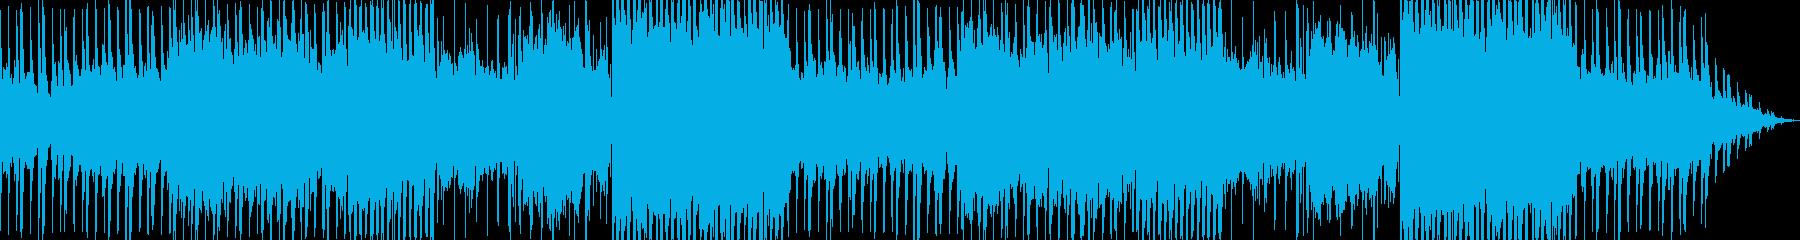 少しダークめなダンスミュージックの再生済みの波形